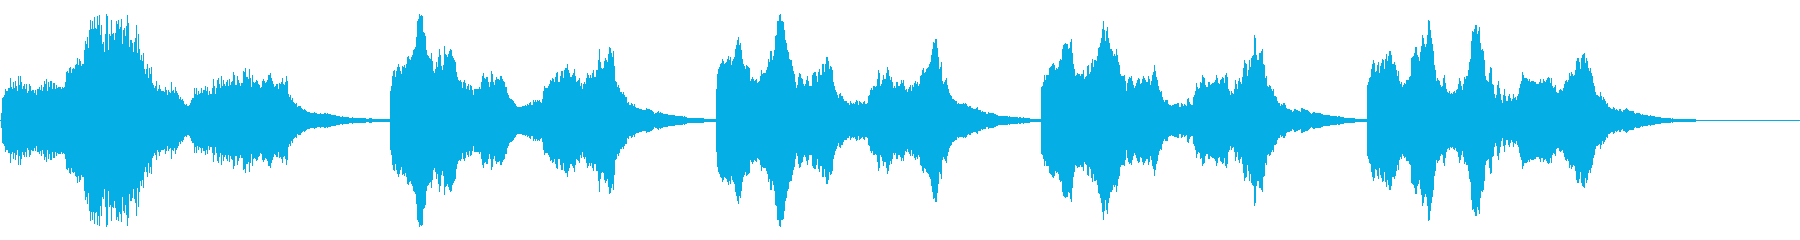 電気の動きのビデオゲームの活気に満...の再生済みの波形